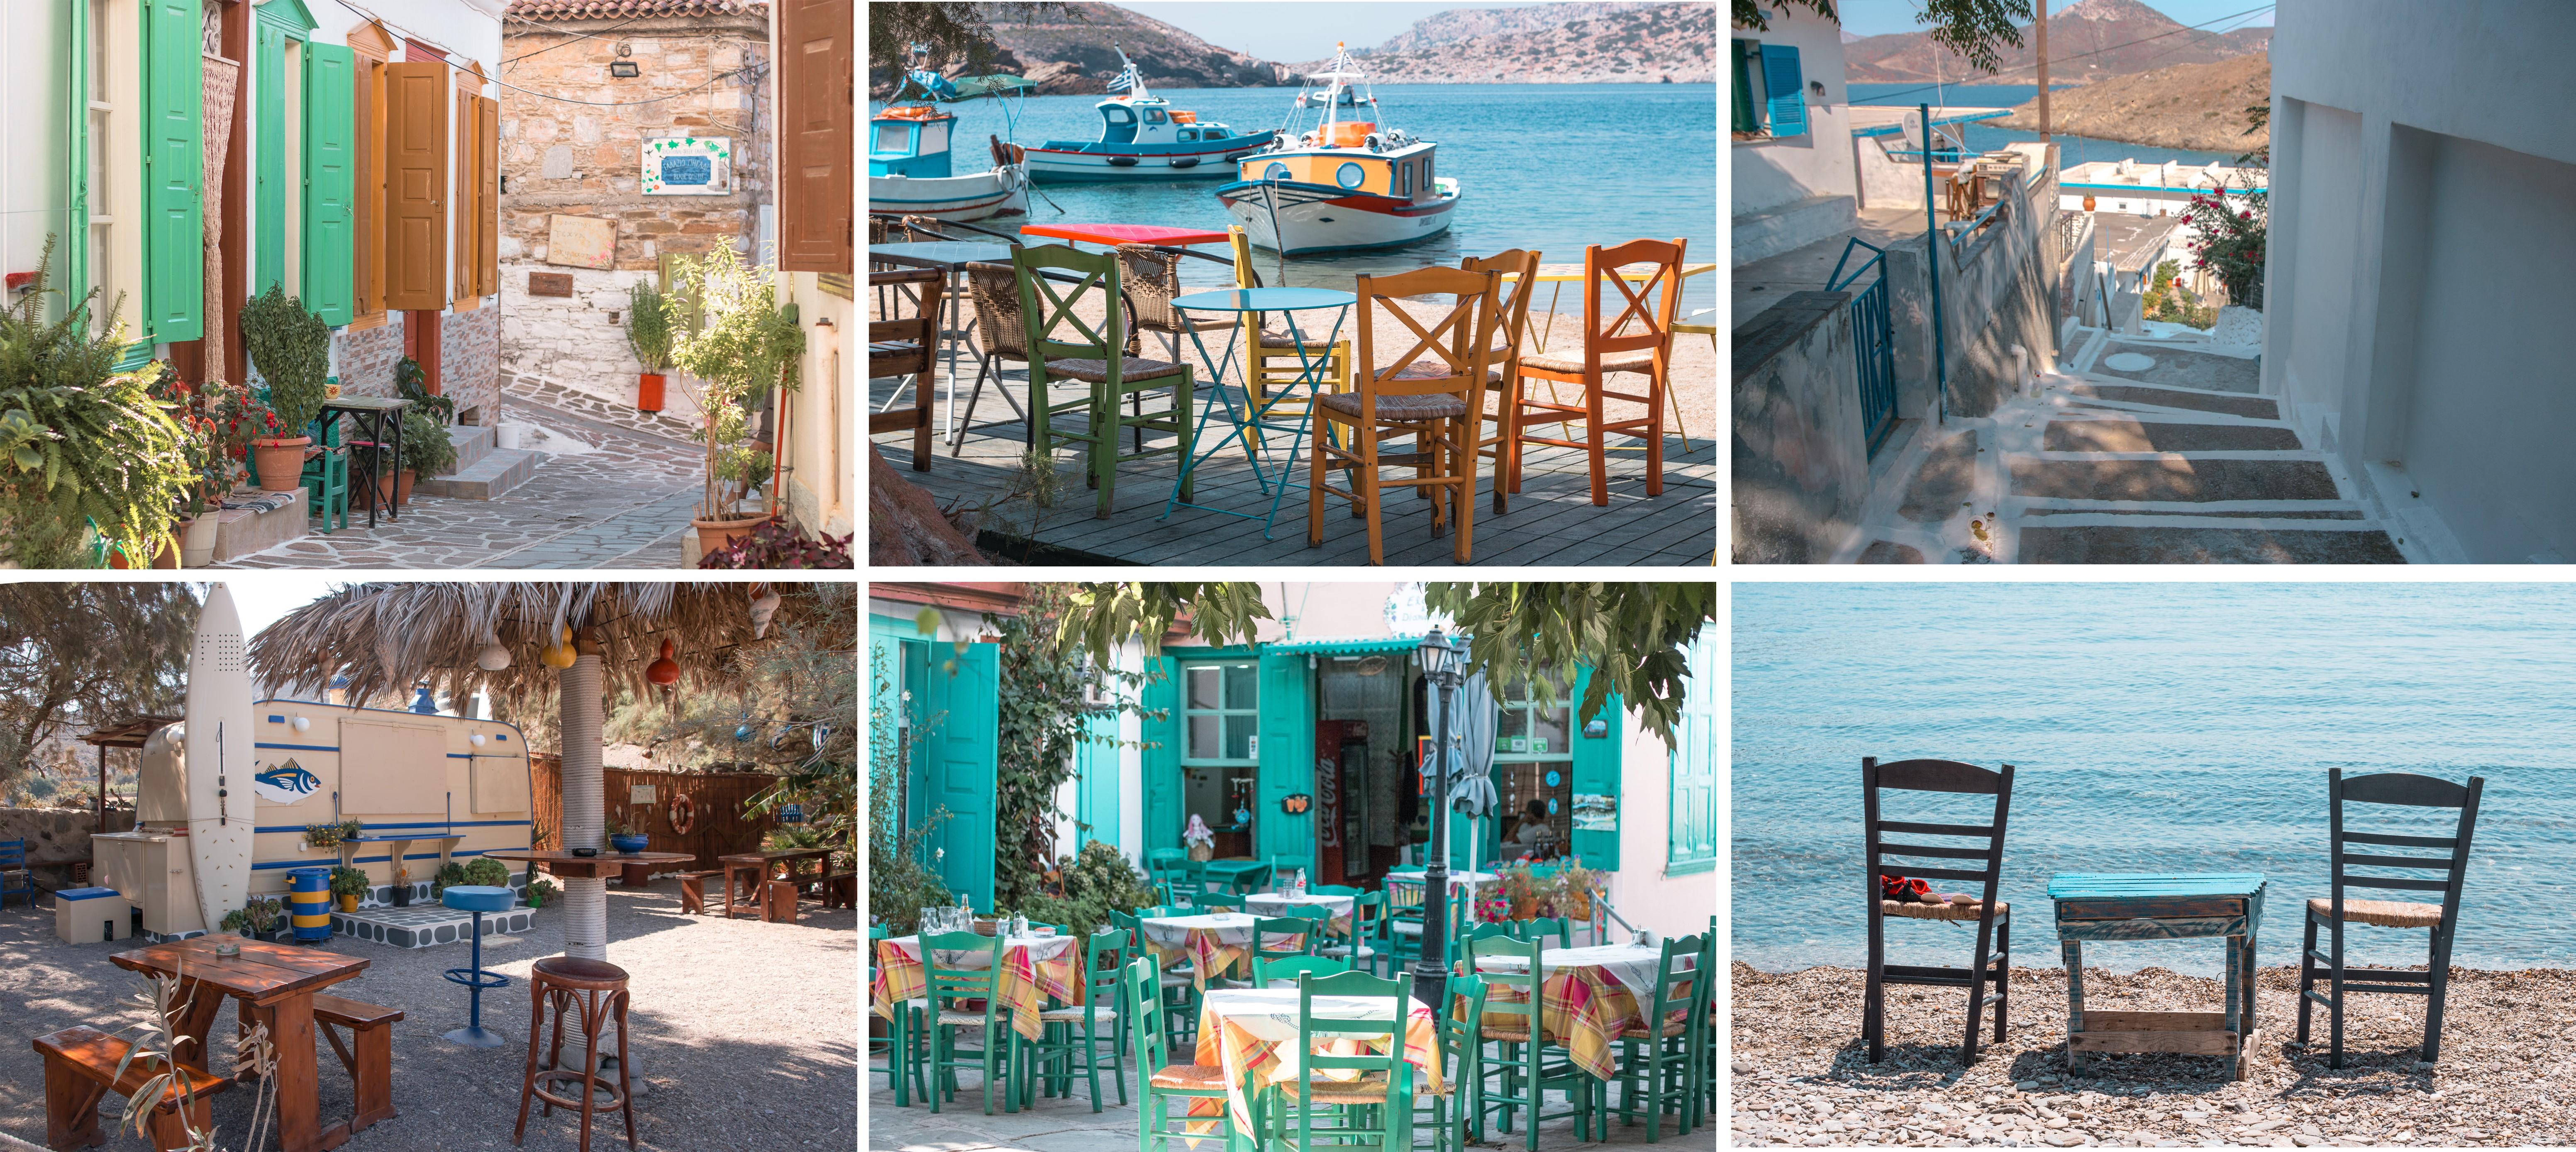 Die Inselroute beim Inselhüpfen, ging über die Inseln Samos - Fourni - Thymena - Patmos - Samos - Ikaria